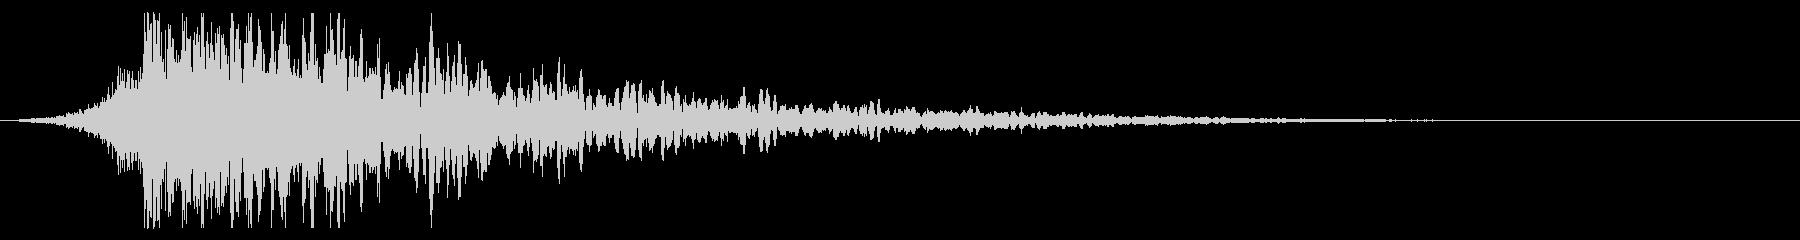 シュードーン-60-1(インパクト音)の未再生の波形